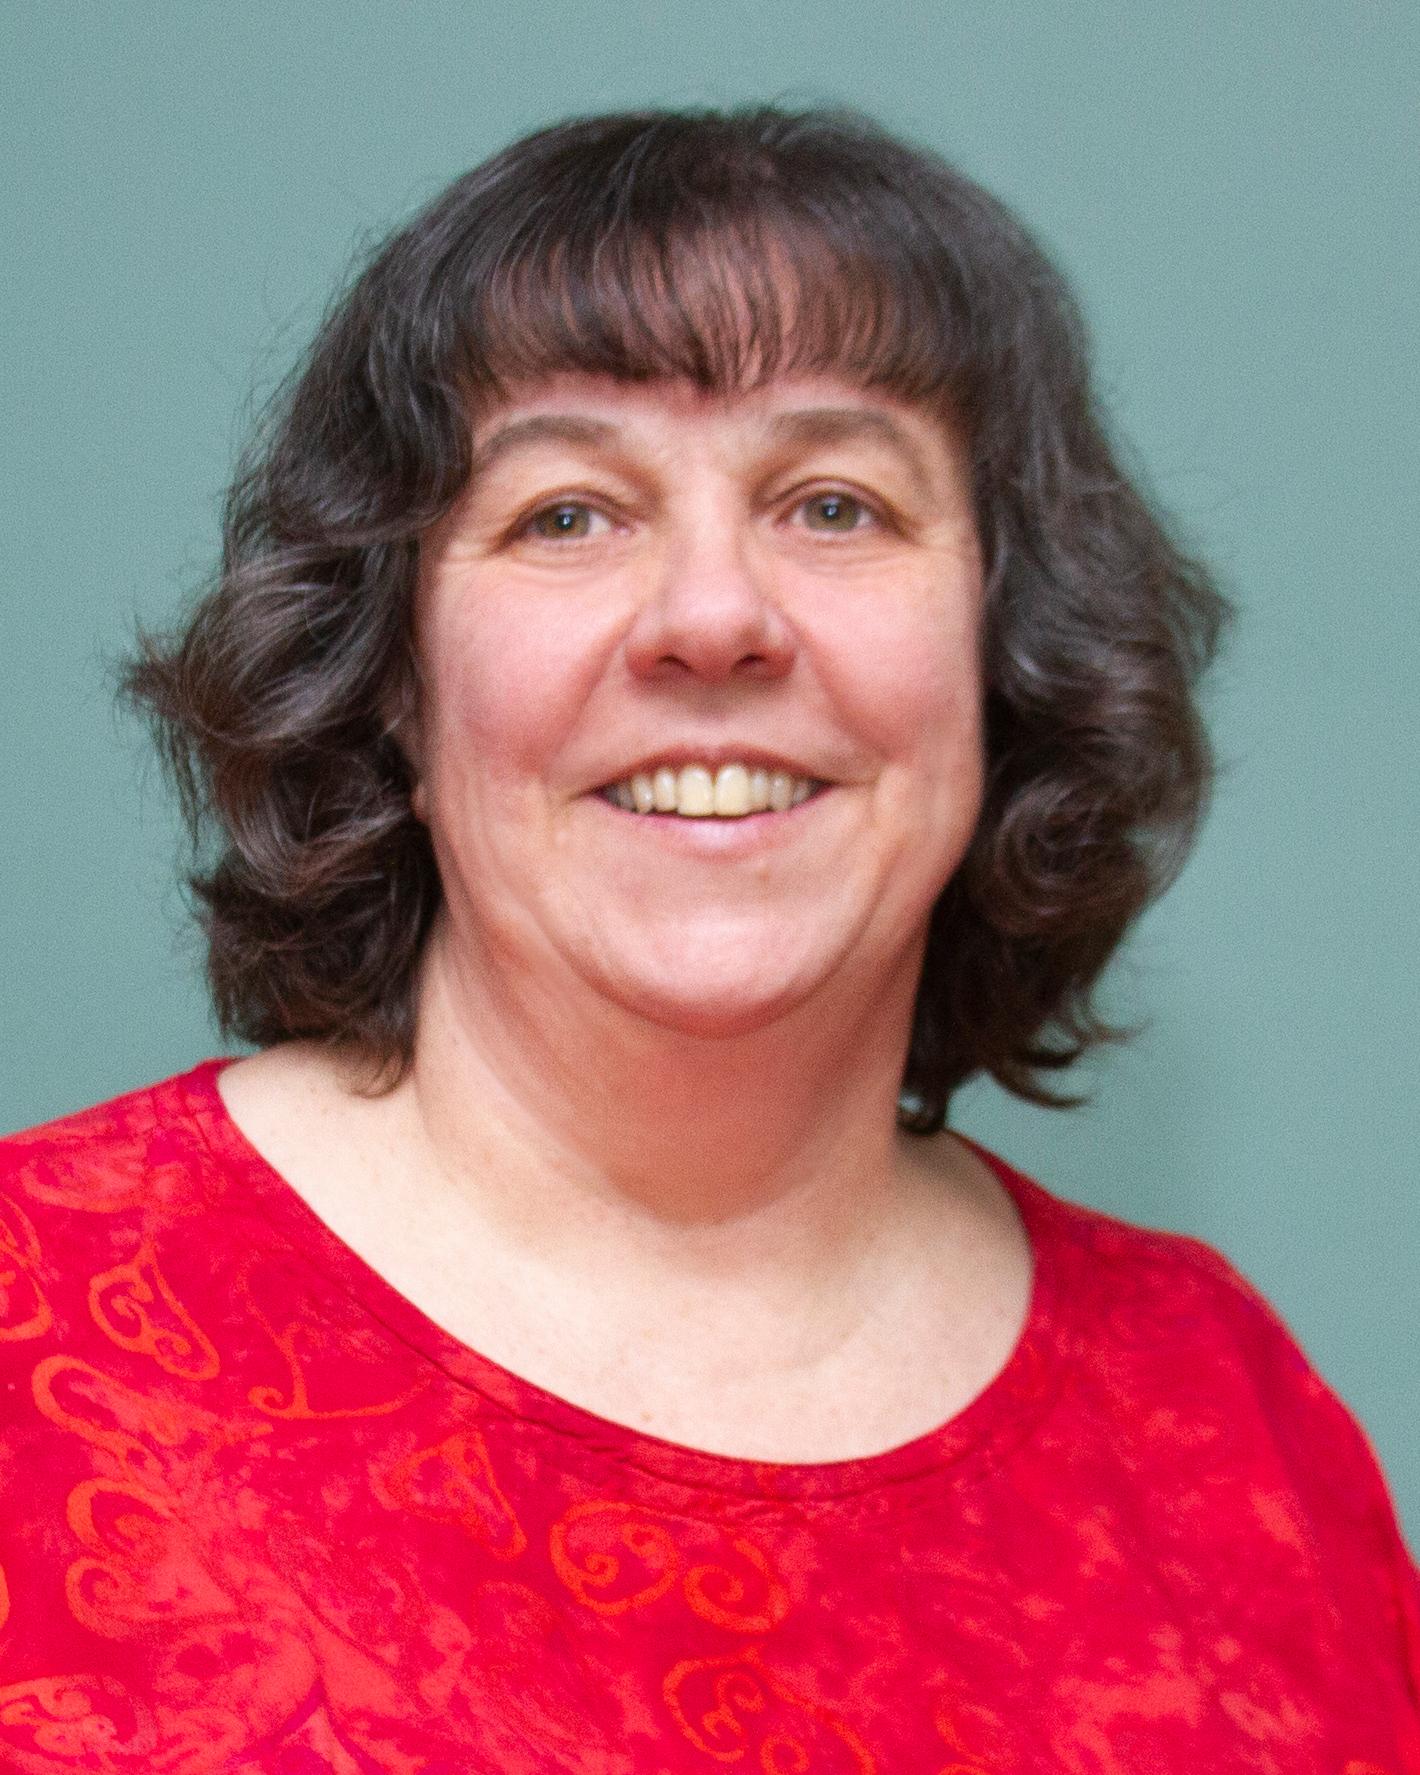 Liz Magill